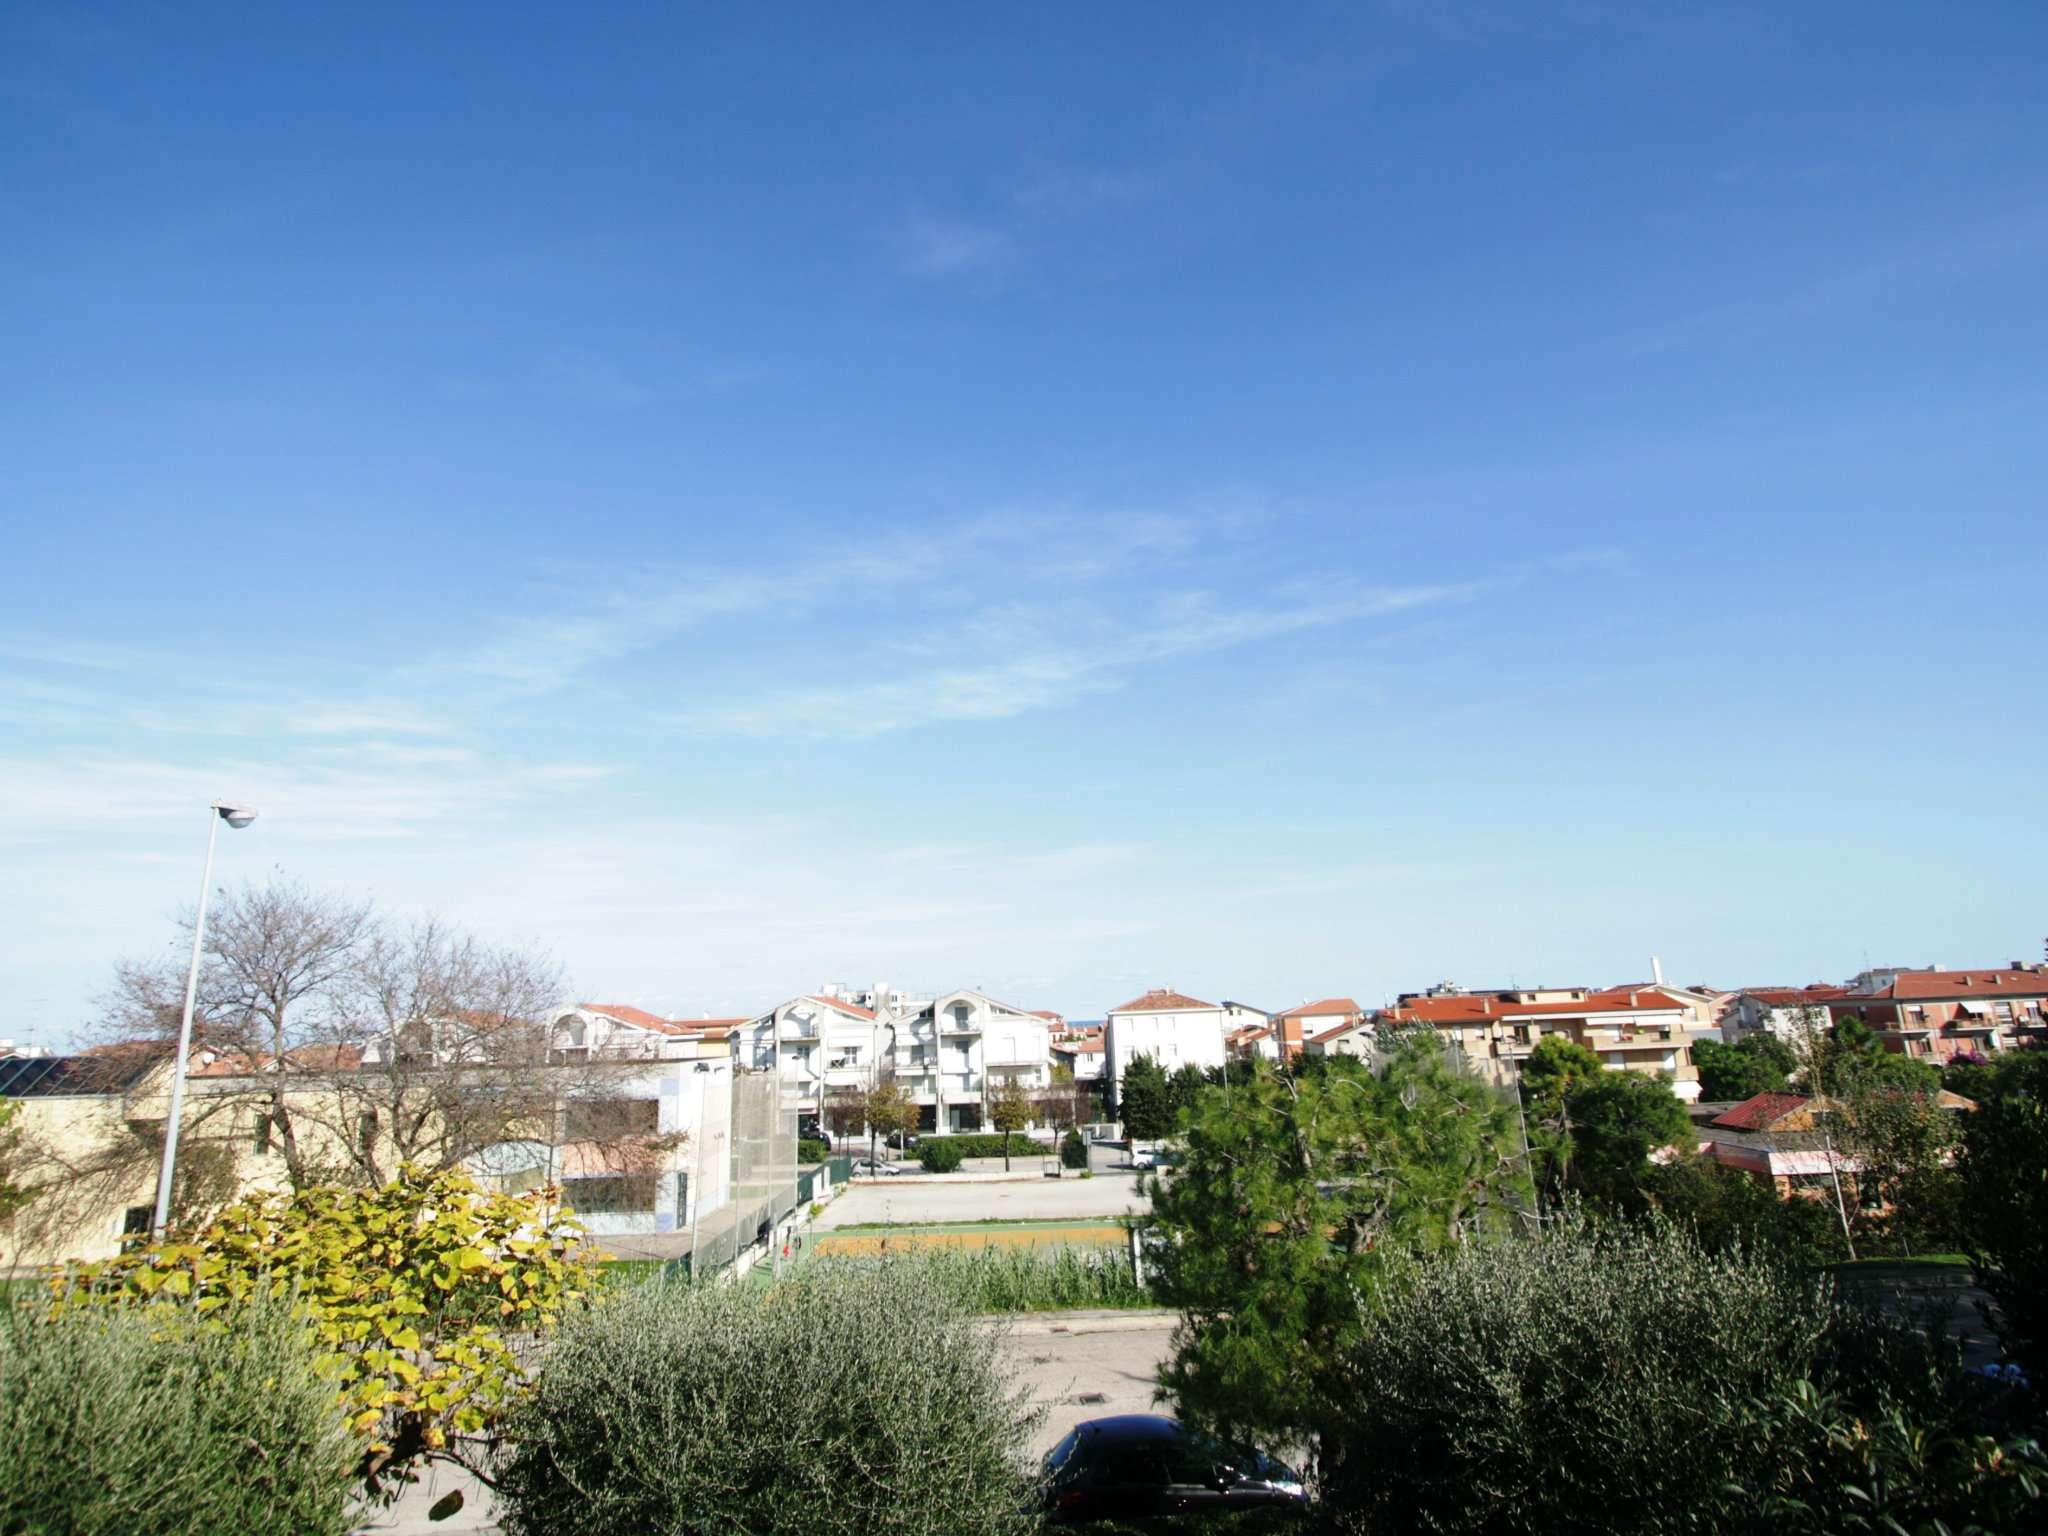 Soluzione Indipendente in vendita a Civitanova Marche, 5 locali, prezzo € 395.000 | Cambio Casa.it